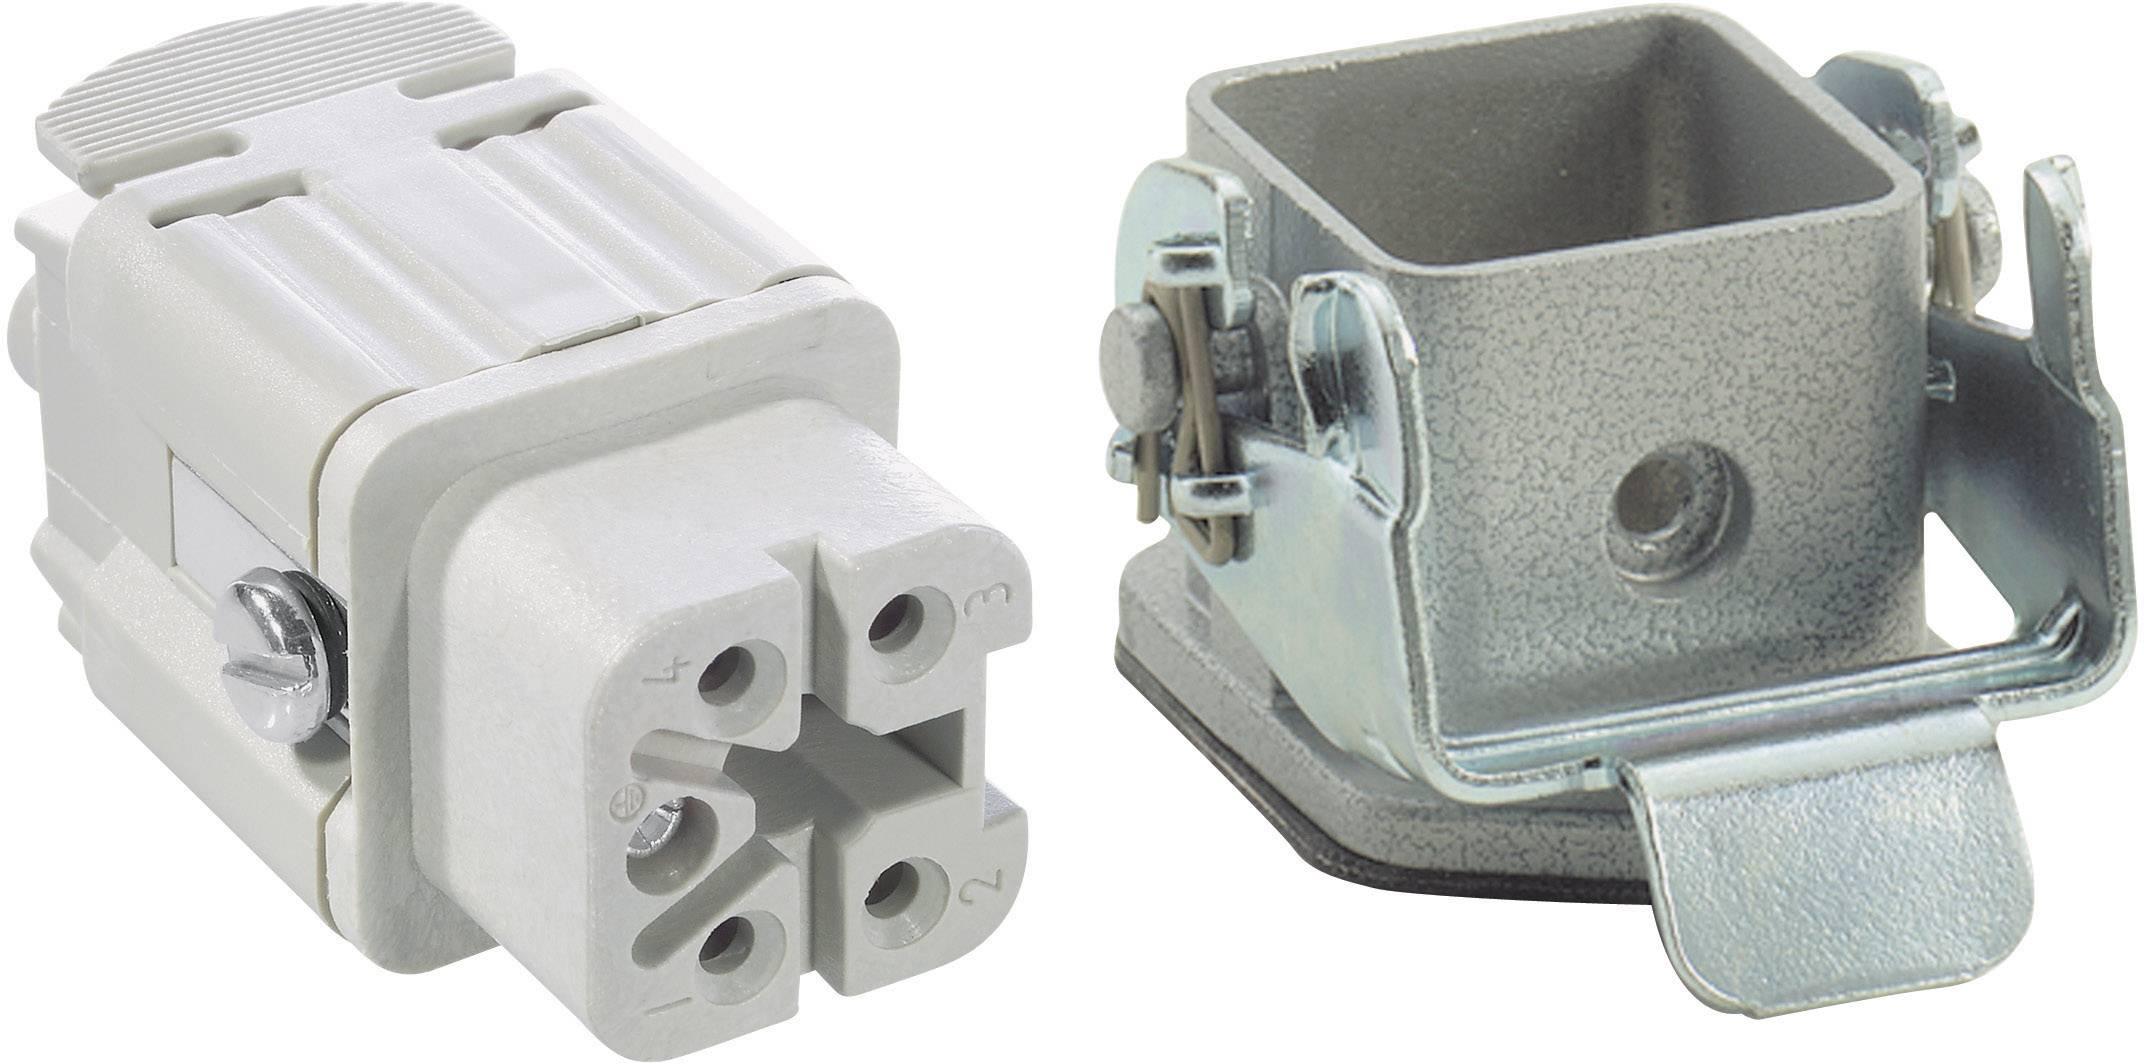 Sada konektorů EPIC®KIT H-A 4 75009618 LAPP 4 + PE šroubovací 1 sada